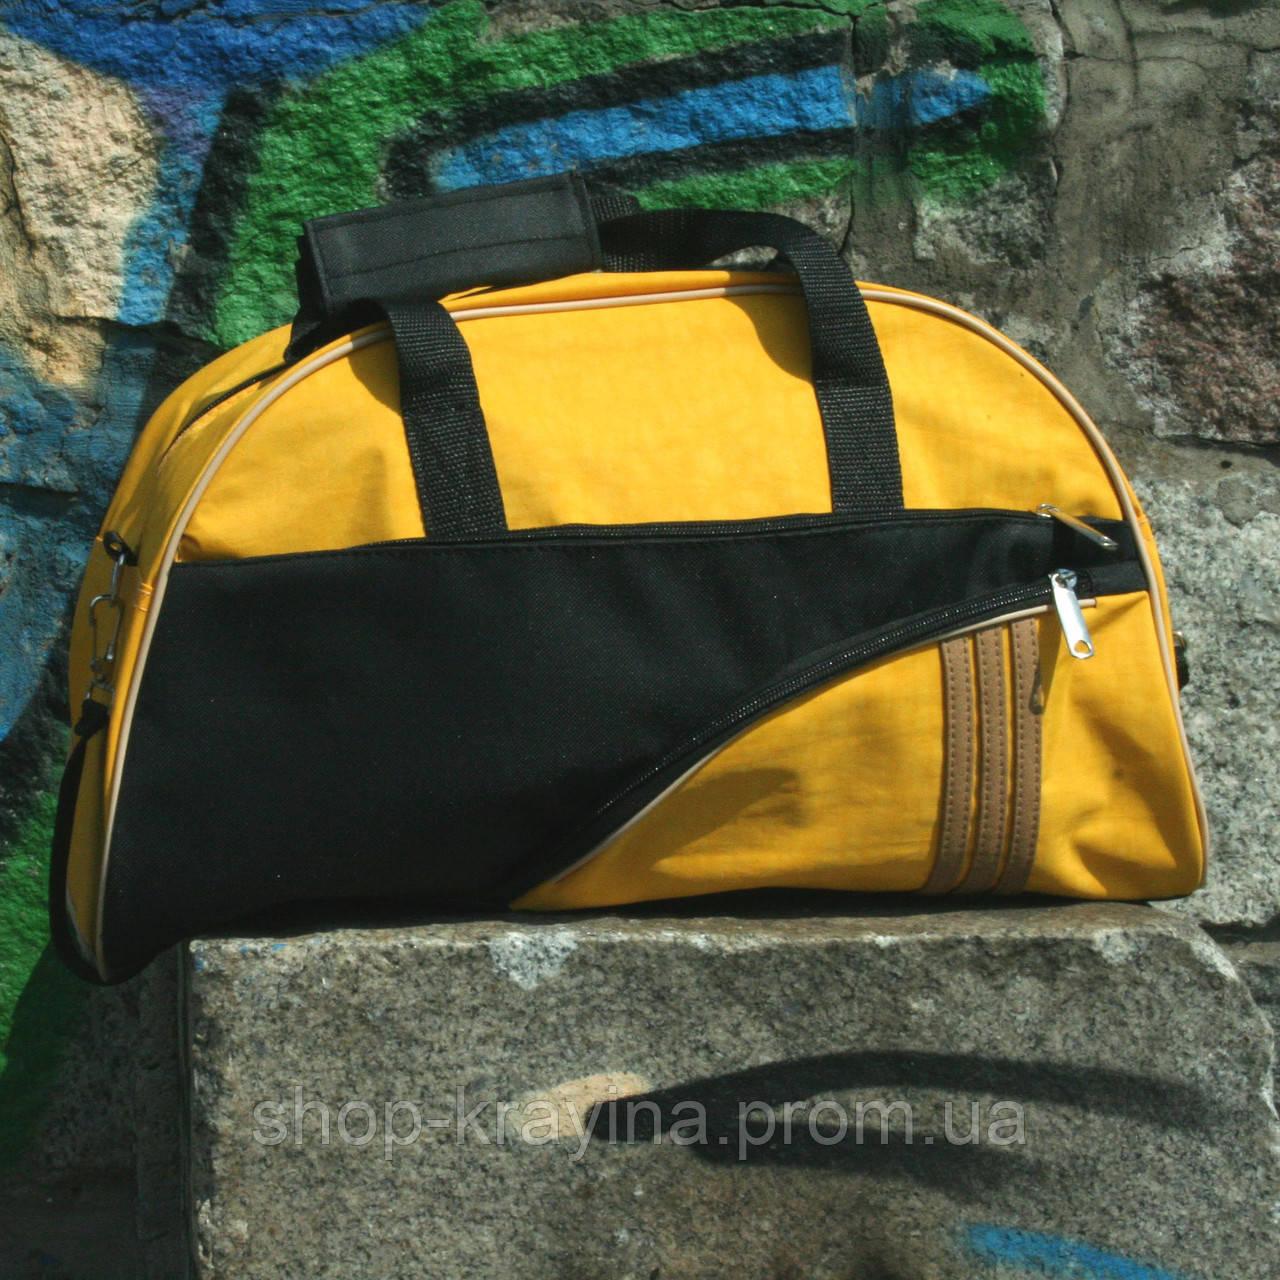 Женская сумка для спорта, 28*43*15 см, желтая